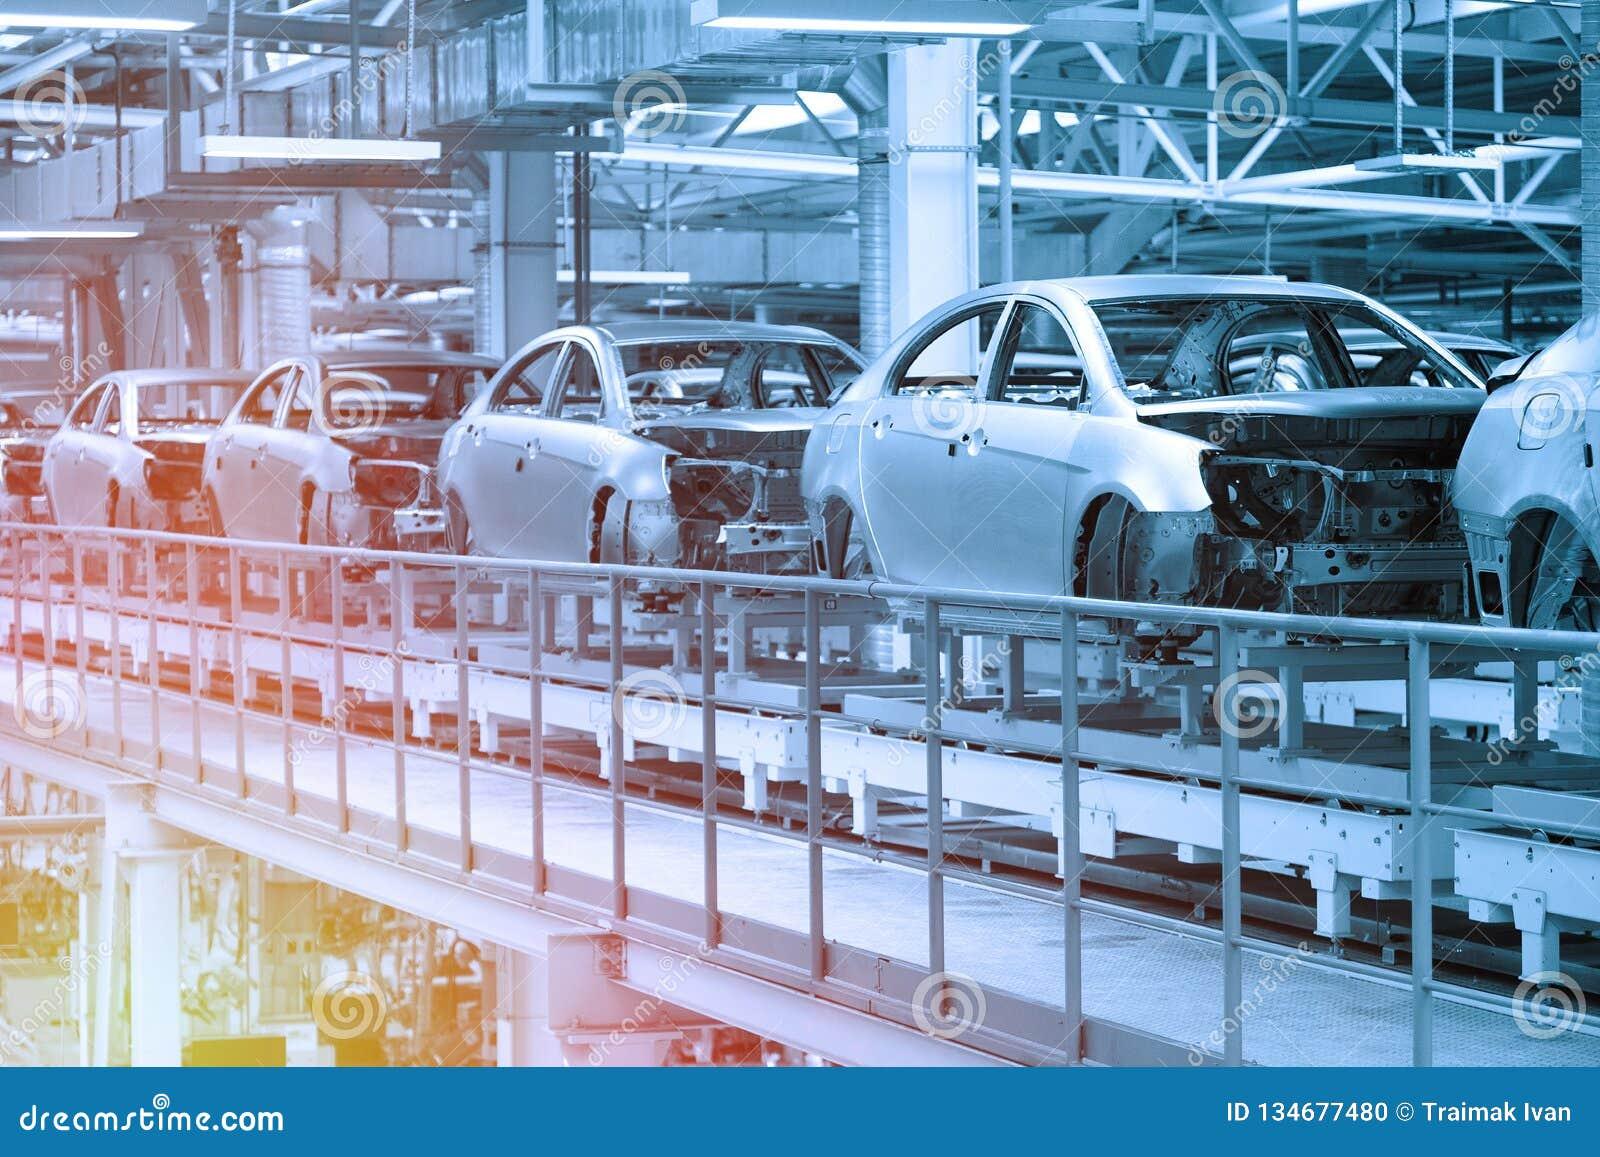 Автомобилестроение конвейер фольксваген т5 транспортер блок предохранителей